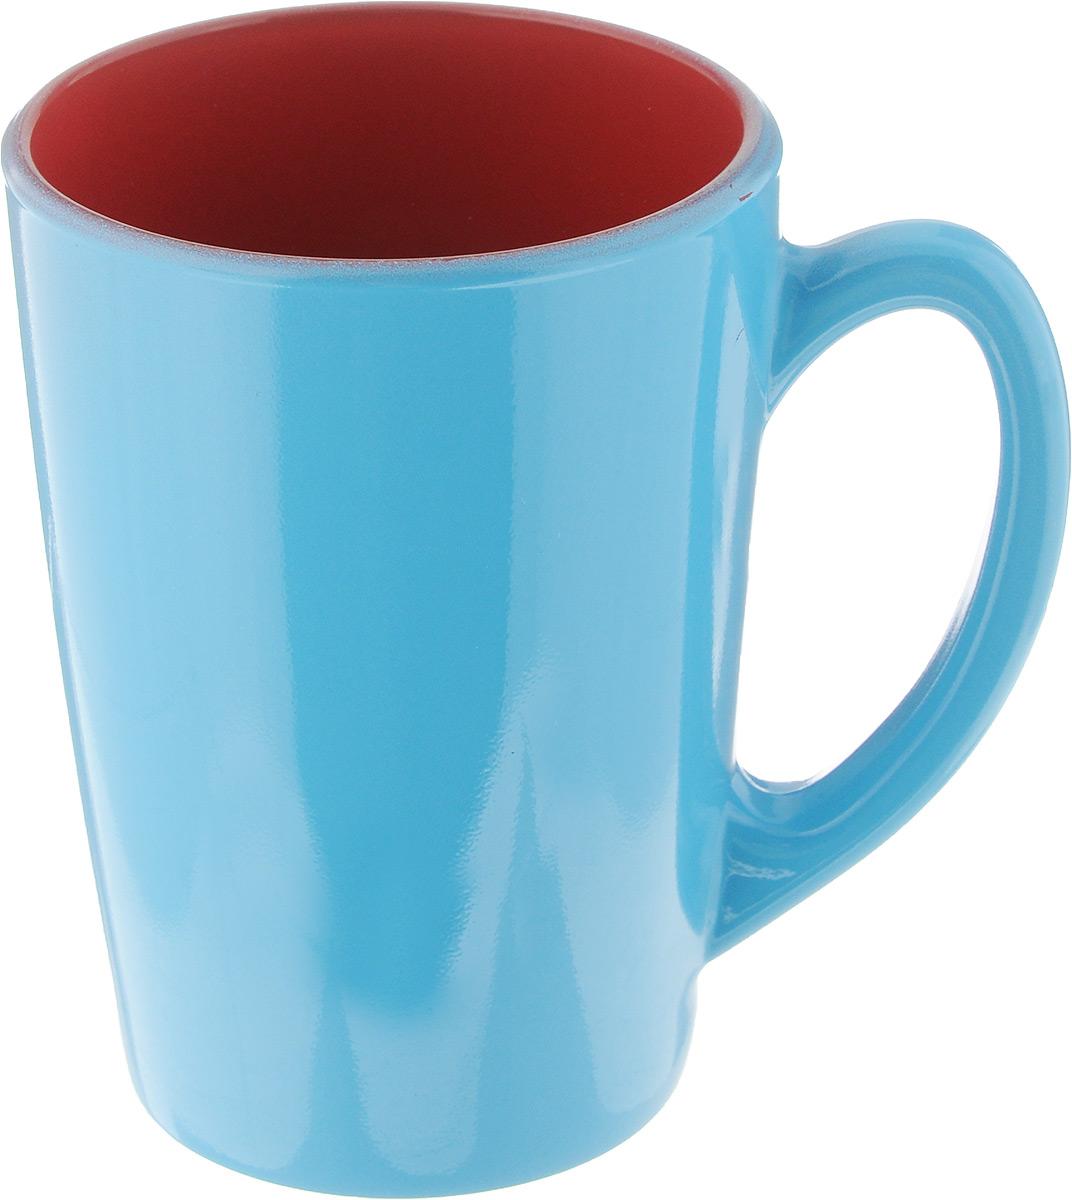 Кружка Luminarc Spring Break, цвет: голубой, красный, 320 мл. J3417-1J3417-1_голубой, красныйКружка Luminarc Spring Break, изготовленная из ударопрочного стекла, прекрасно подойдет для горячих и холодных напитков. Она дополнит коллекцию вашей кухонной посуды и будет служить долгие годы. Можно использовать в микроволновой печи и мыть в посудомоечной машине. Диаметр кружки (по верхнему краю): 8 см. Высота стенки кружки: 11 см.